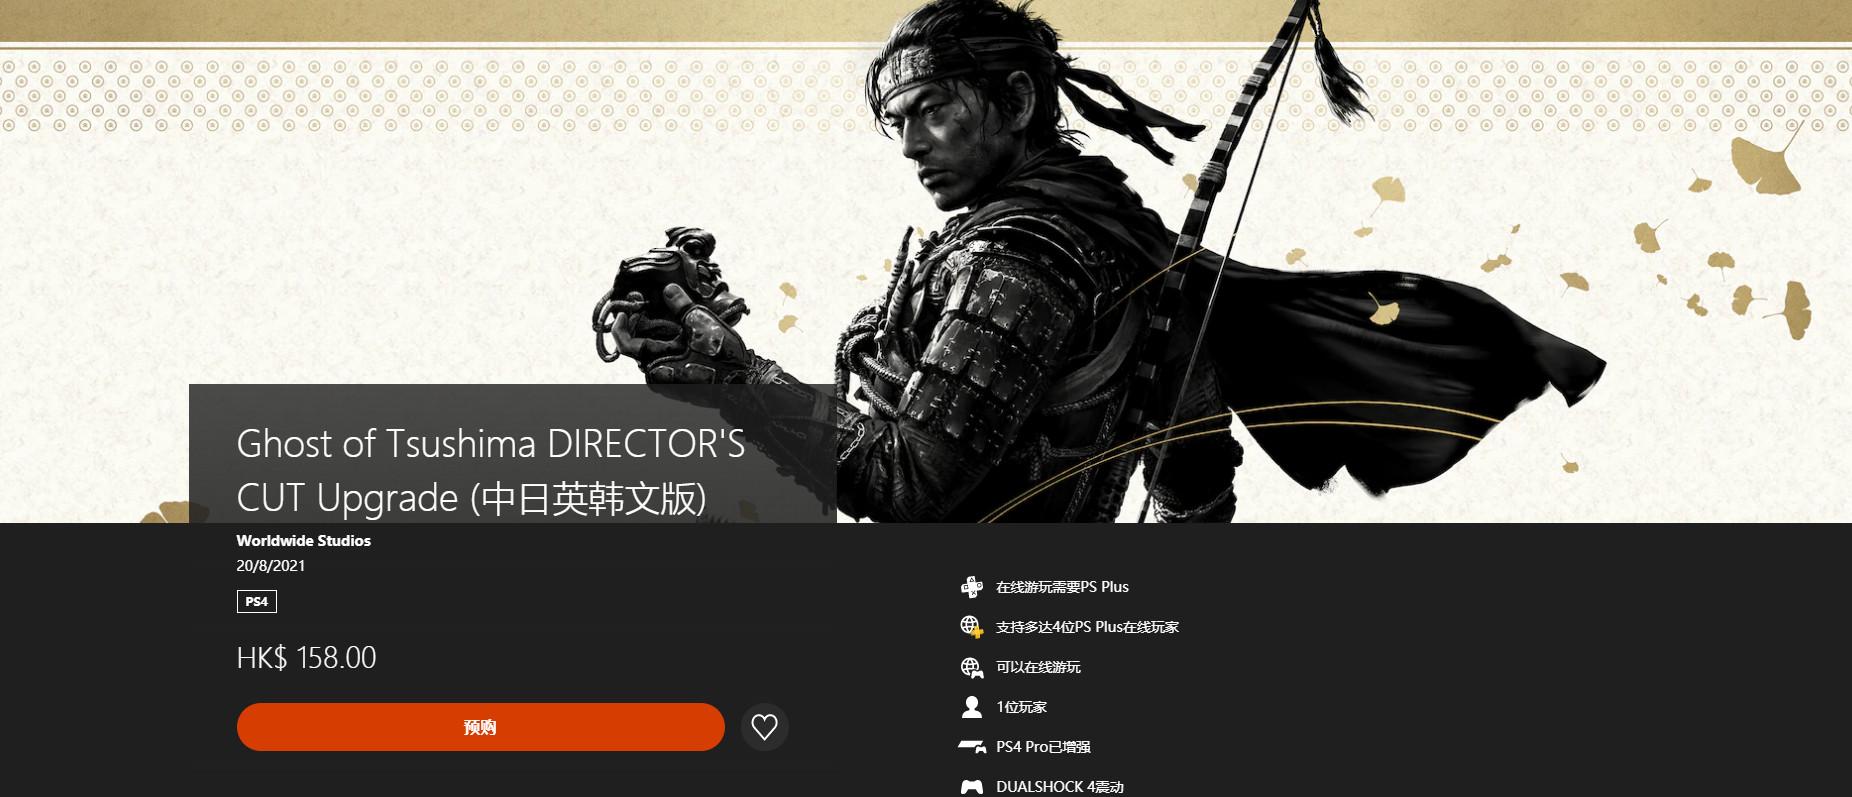 《对马岛之鬼:导演剪辑版》PSN港服开启预购 PS5版568港币